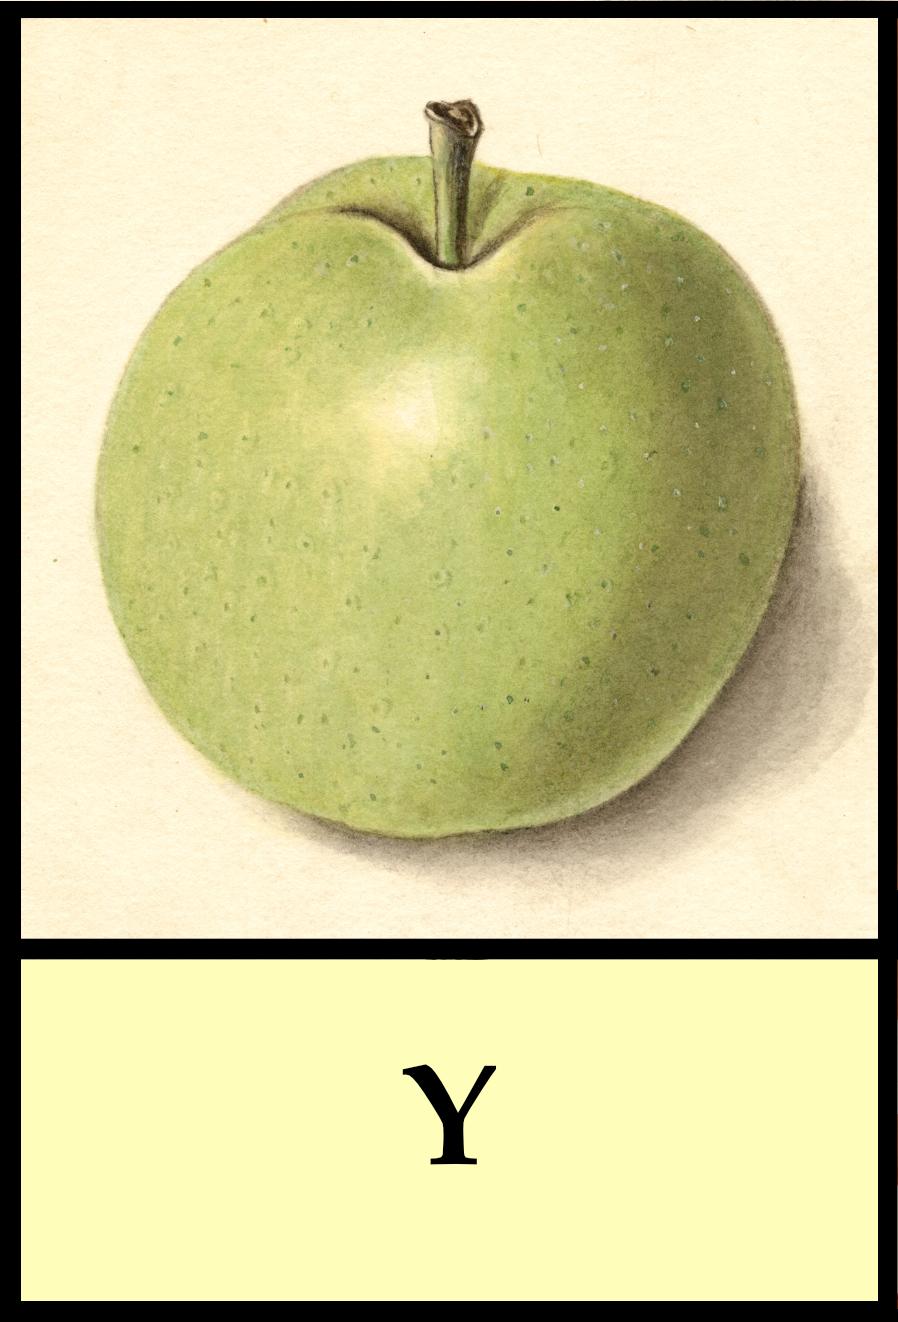 Y apples